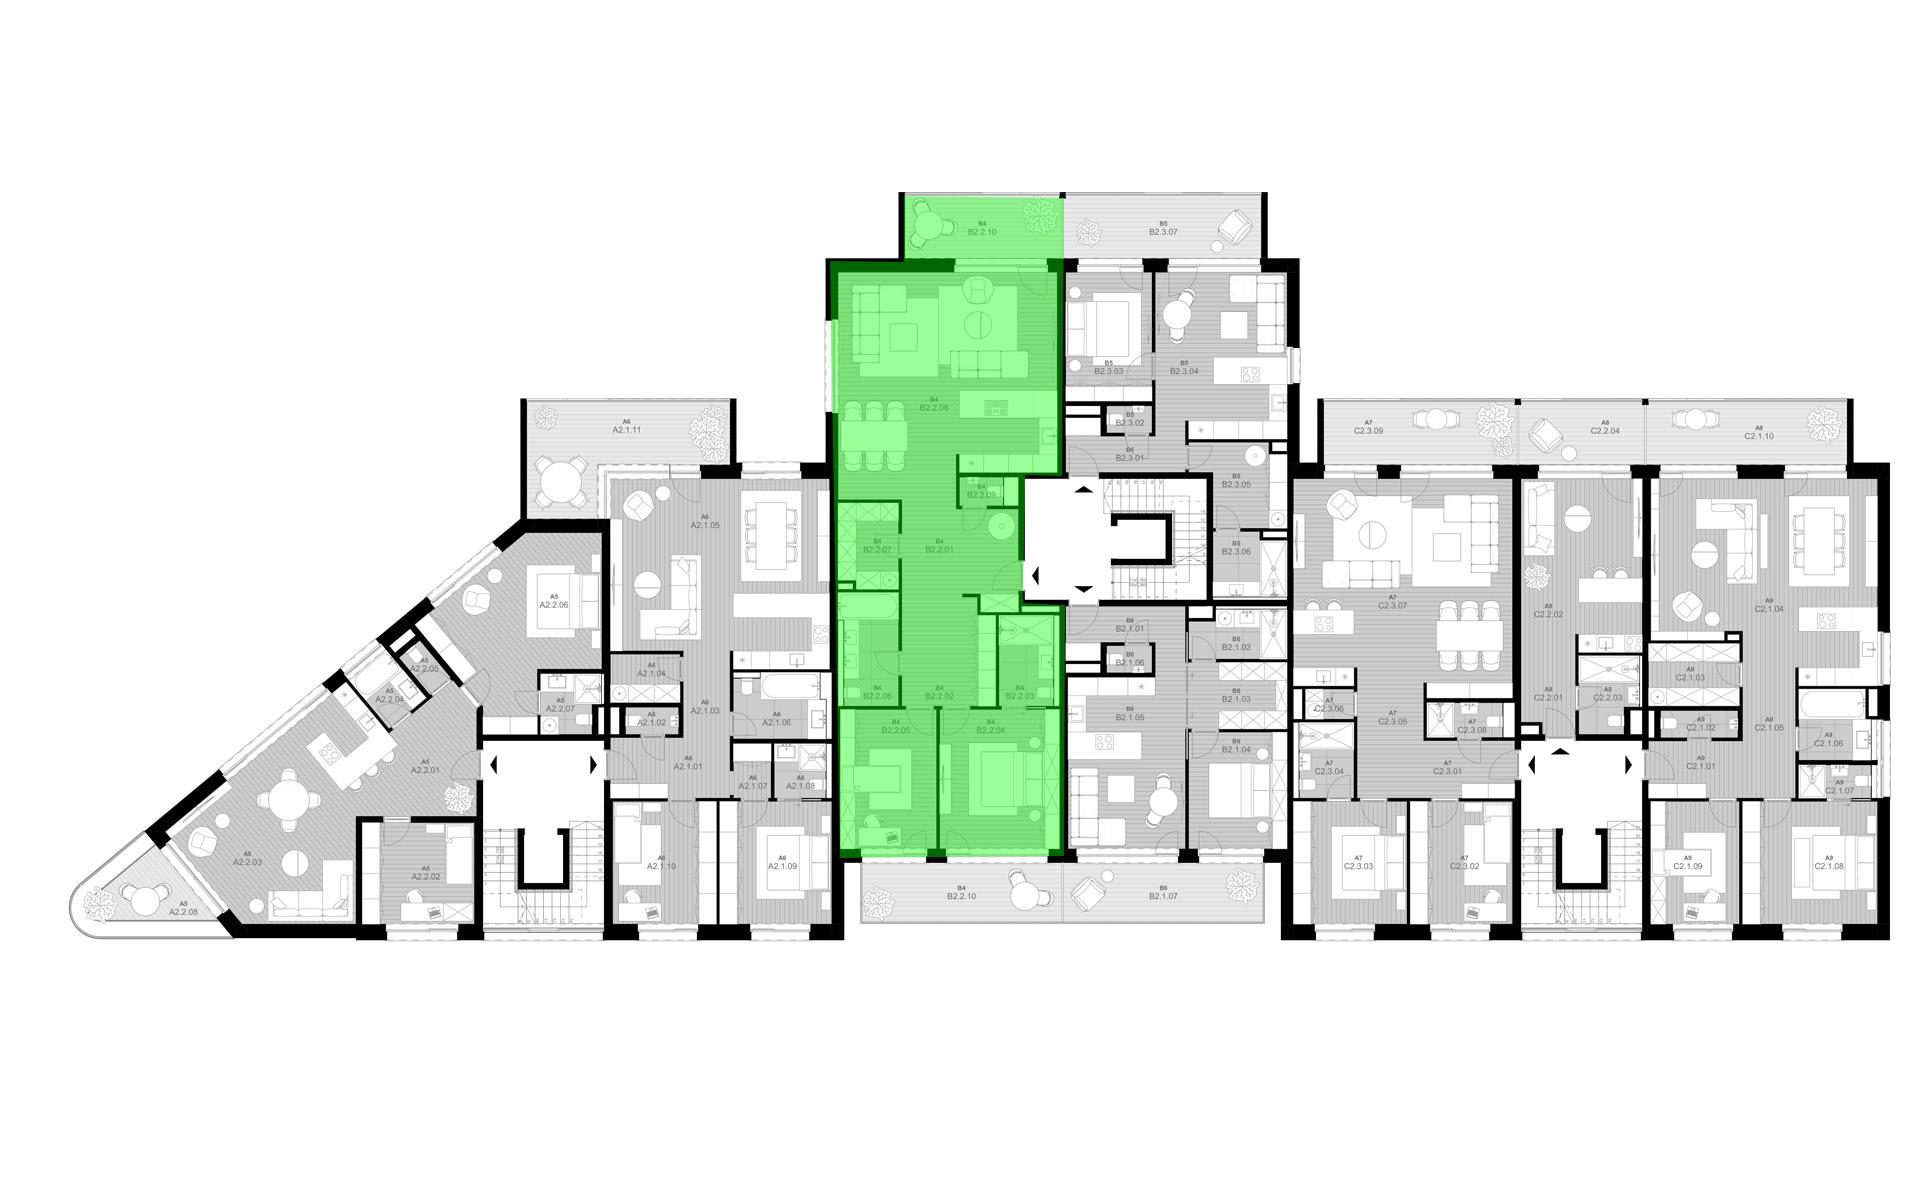 rezidencia K Železnej Studienke - pôdorys so zvýraznením bytu B2.2